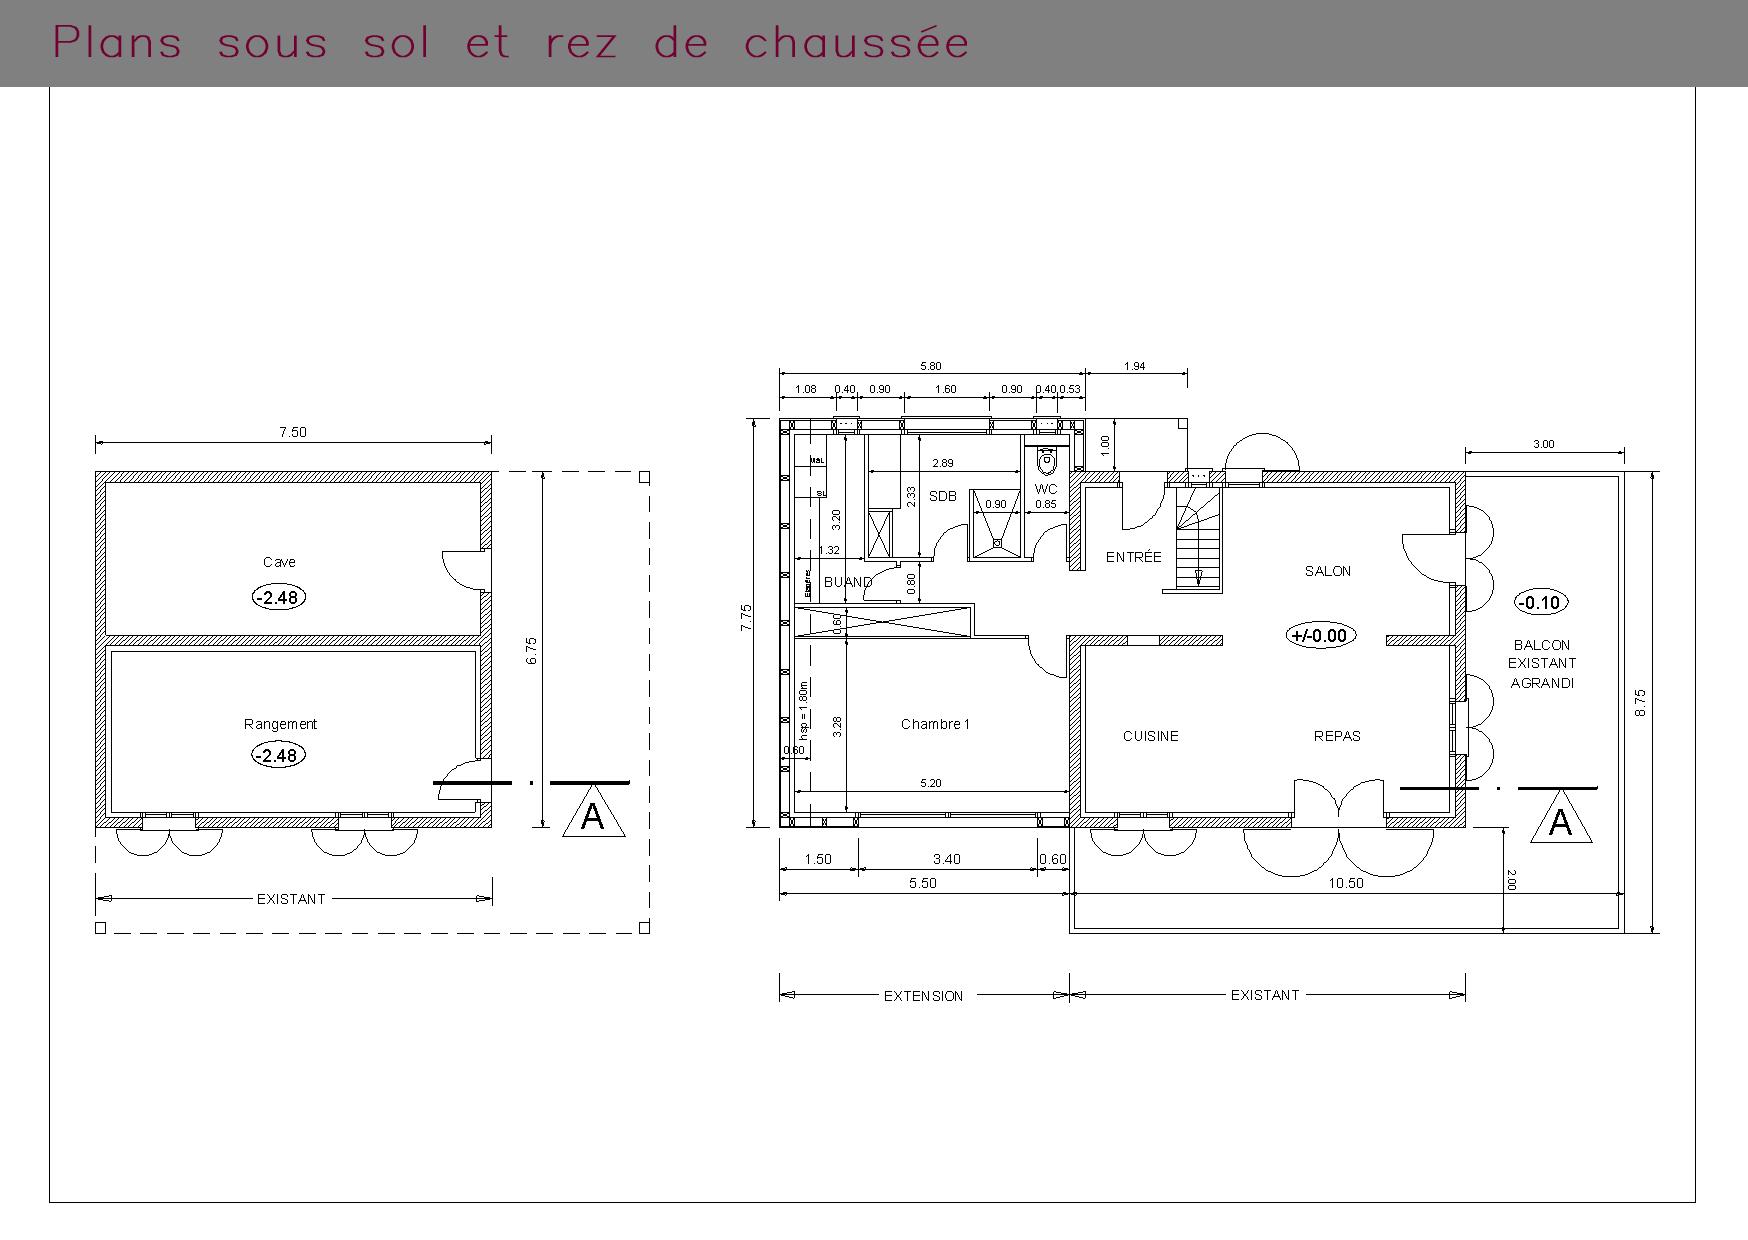 Chalet de montagne : plans sous-sol et rez-de-chaussée